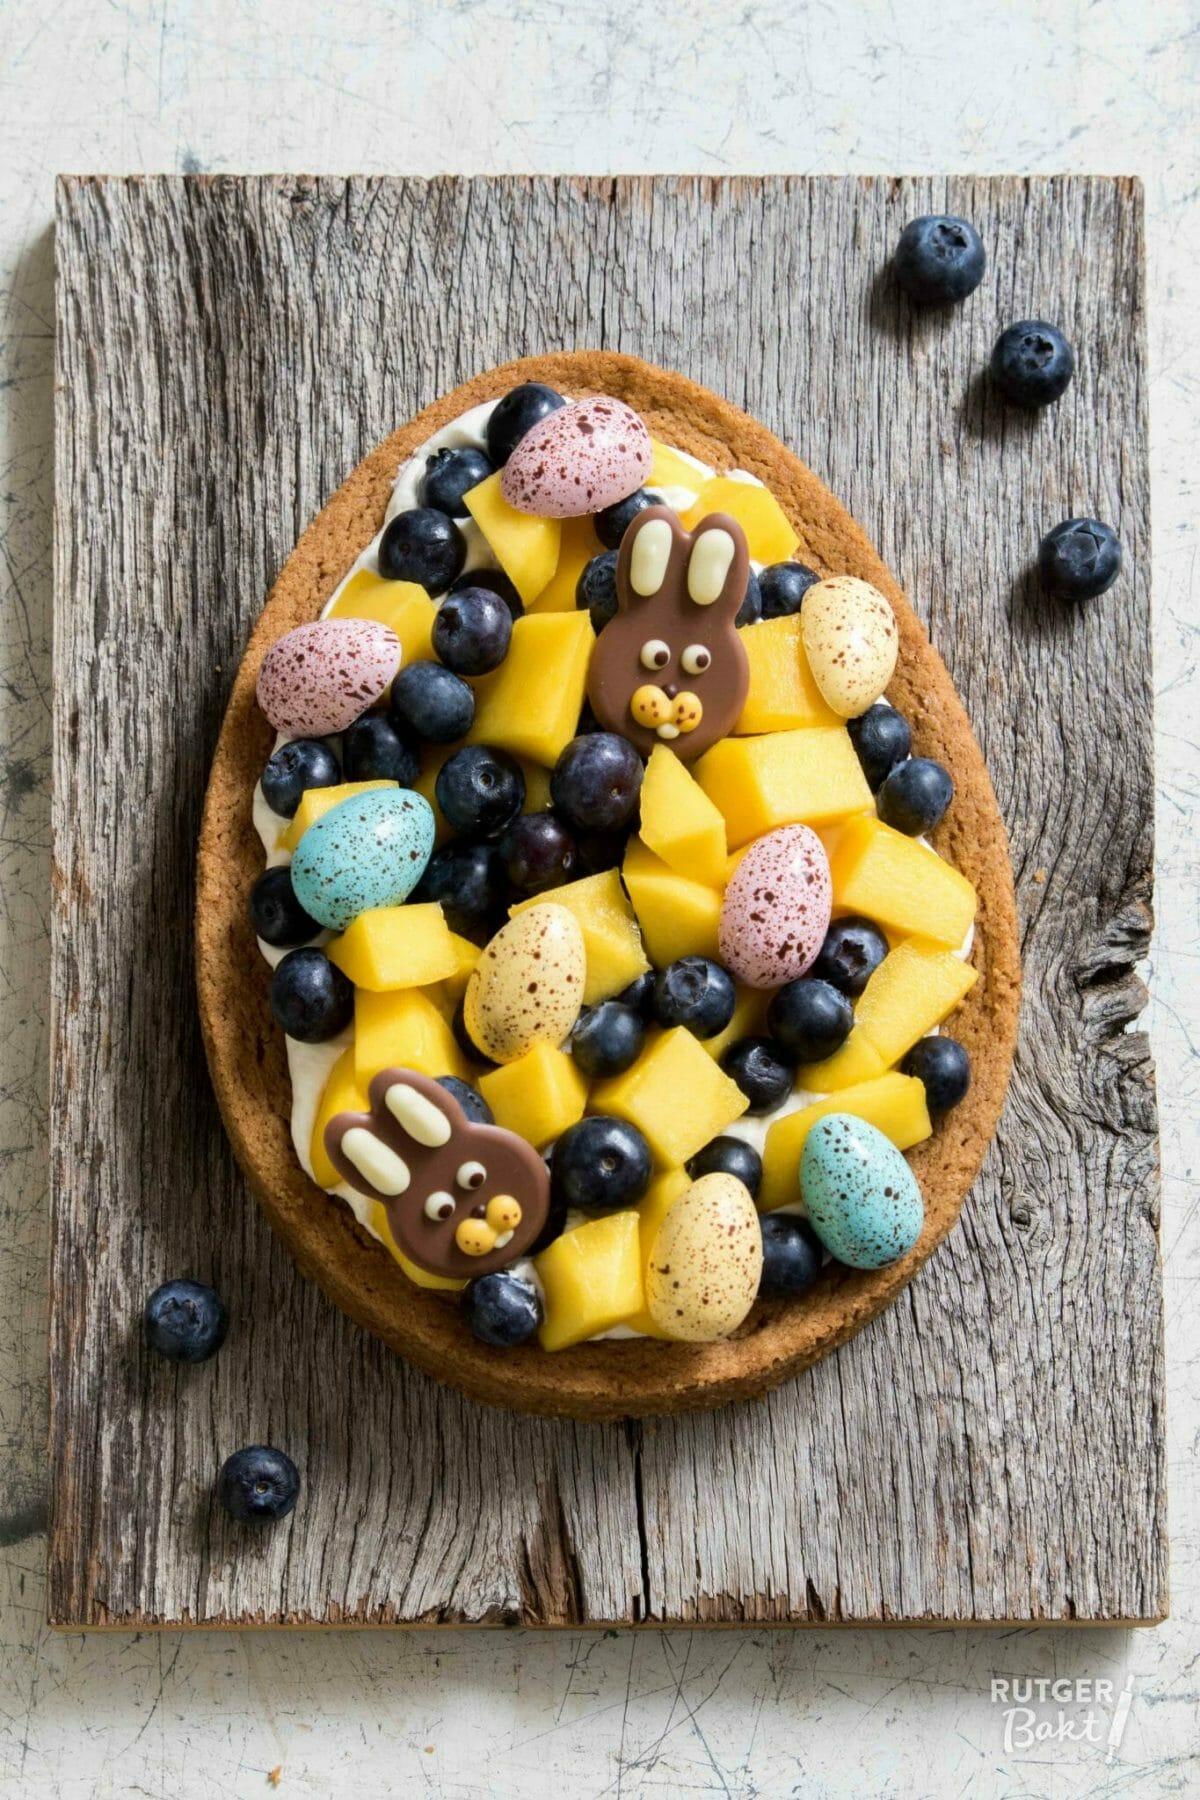 Paastaart met frisse mascarponeroom, mango & blauwe bes